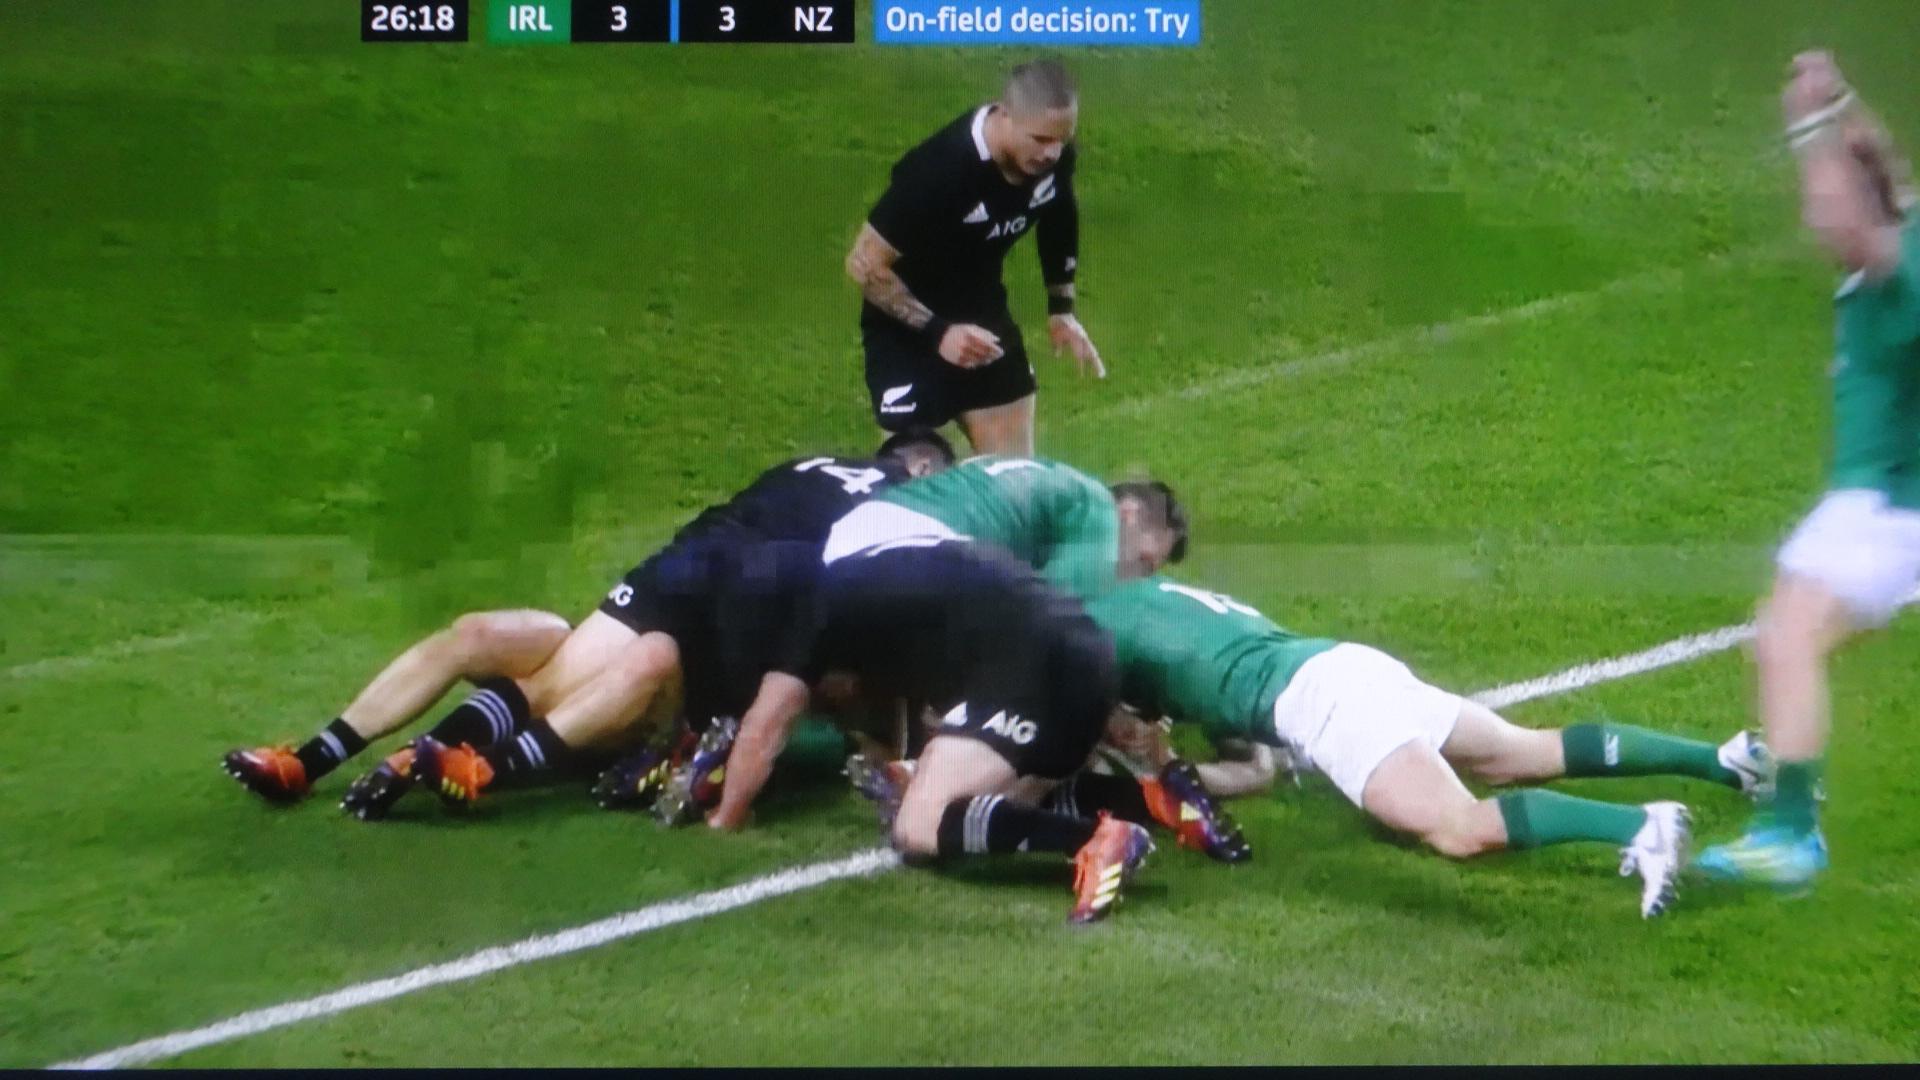 アイルランドがトライを奪いそうなシーン